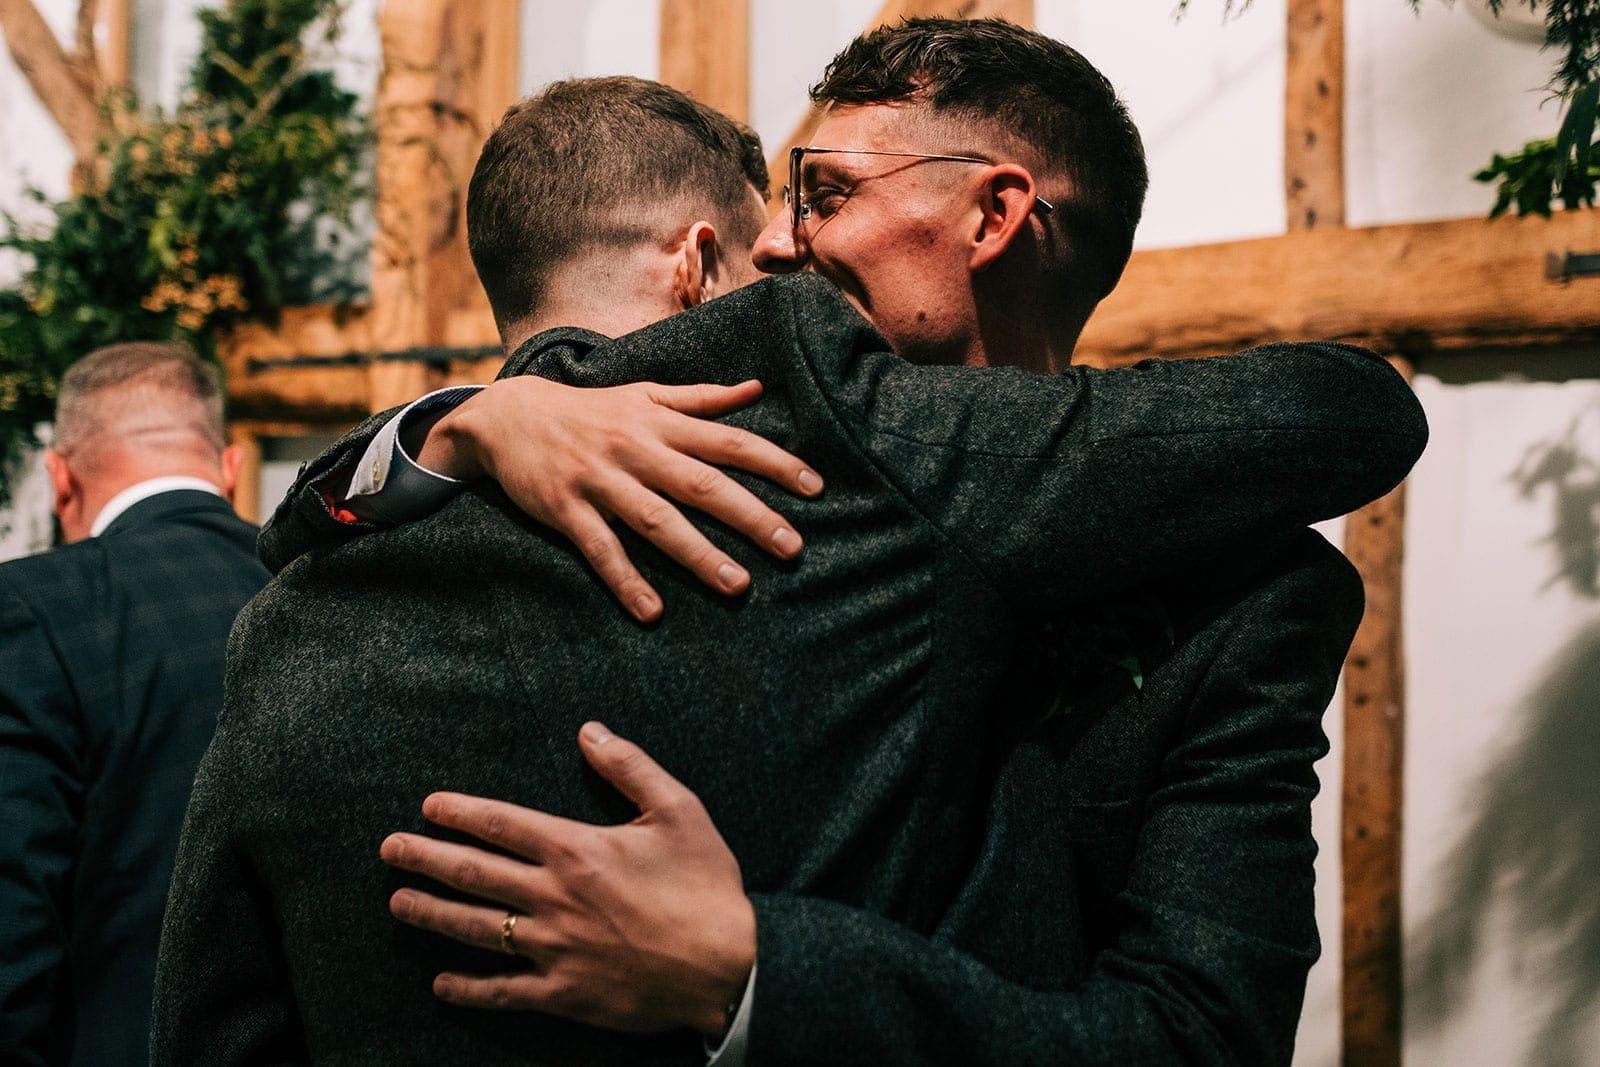 Steve hugs his best man after his speech